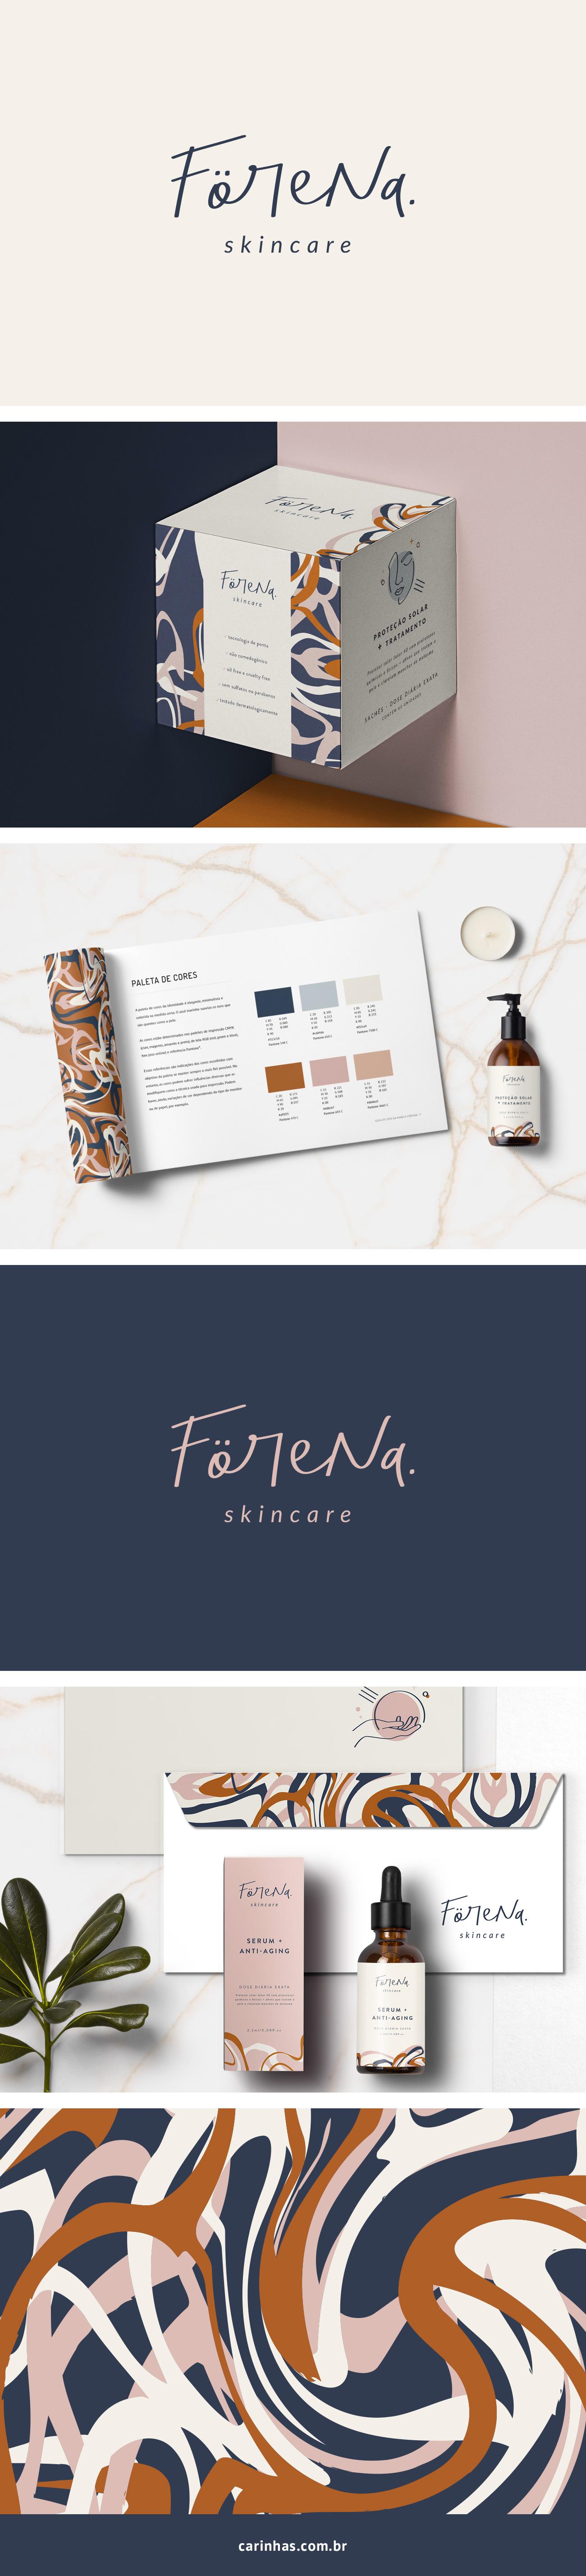 Marca Apaixonante para a Förena - skincare - carinhas.com.br